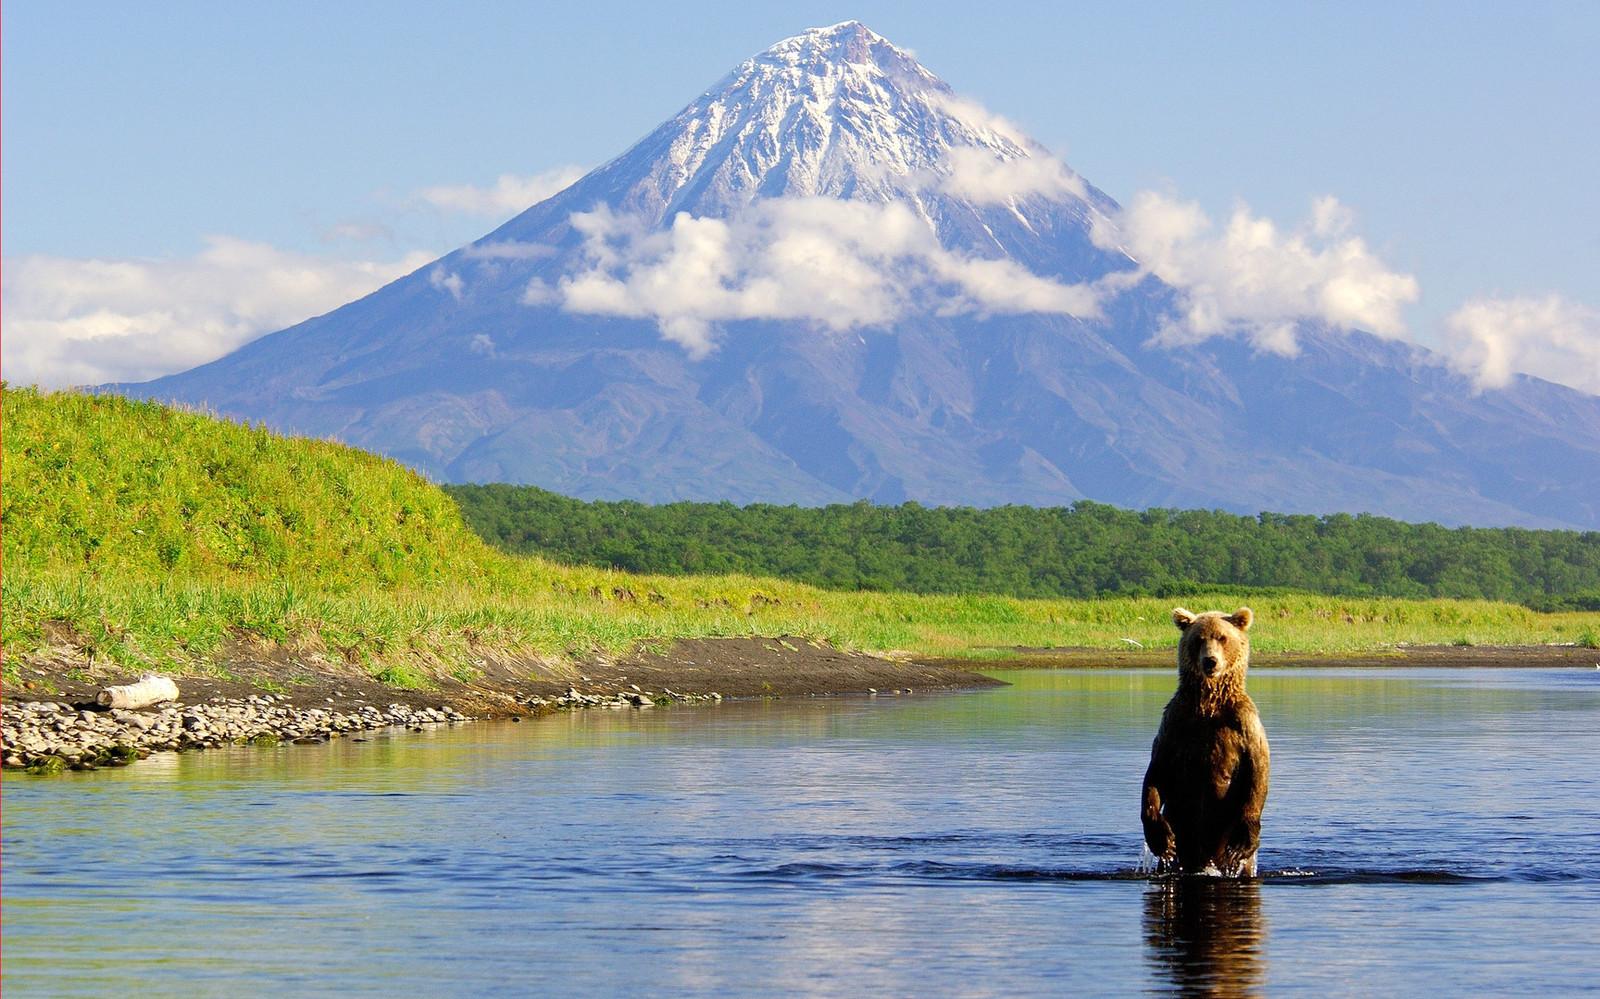 медведь и Кроноцкое озеро